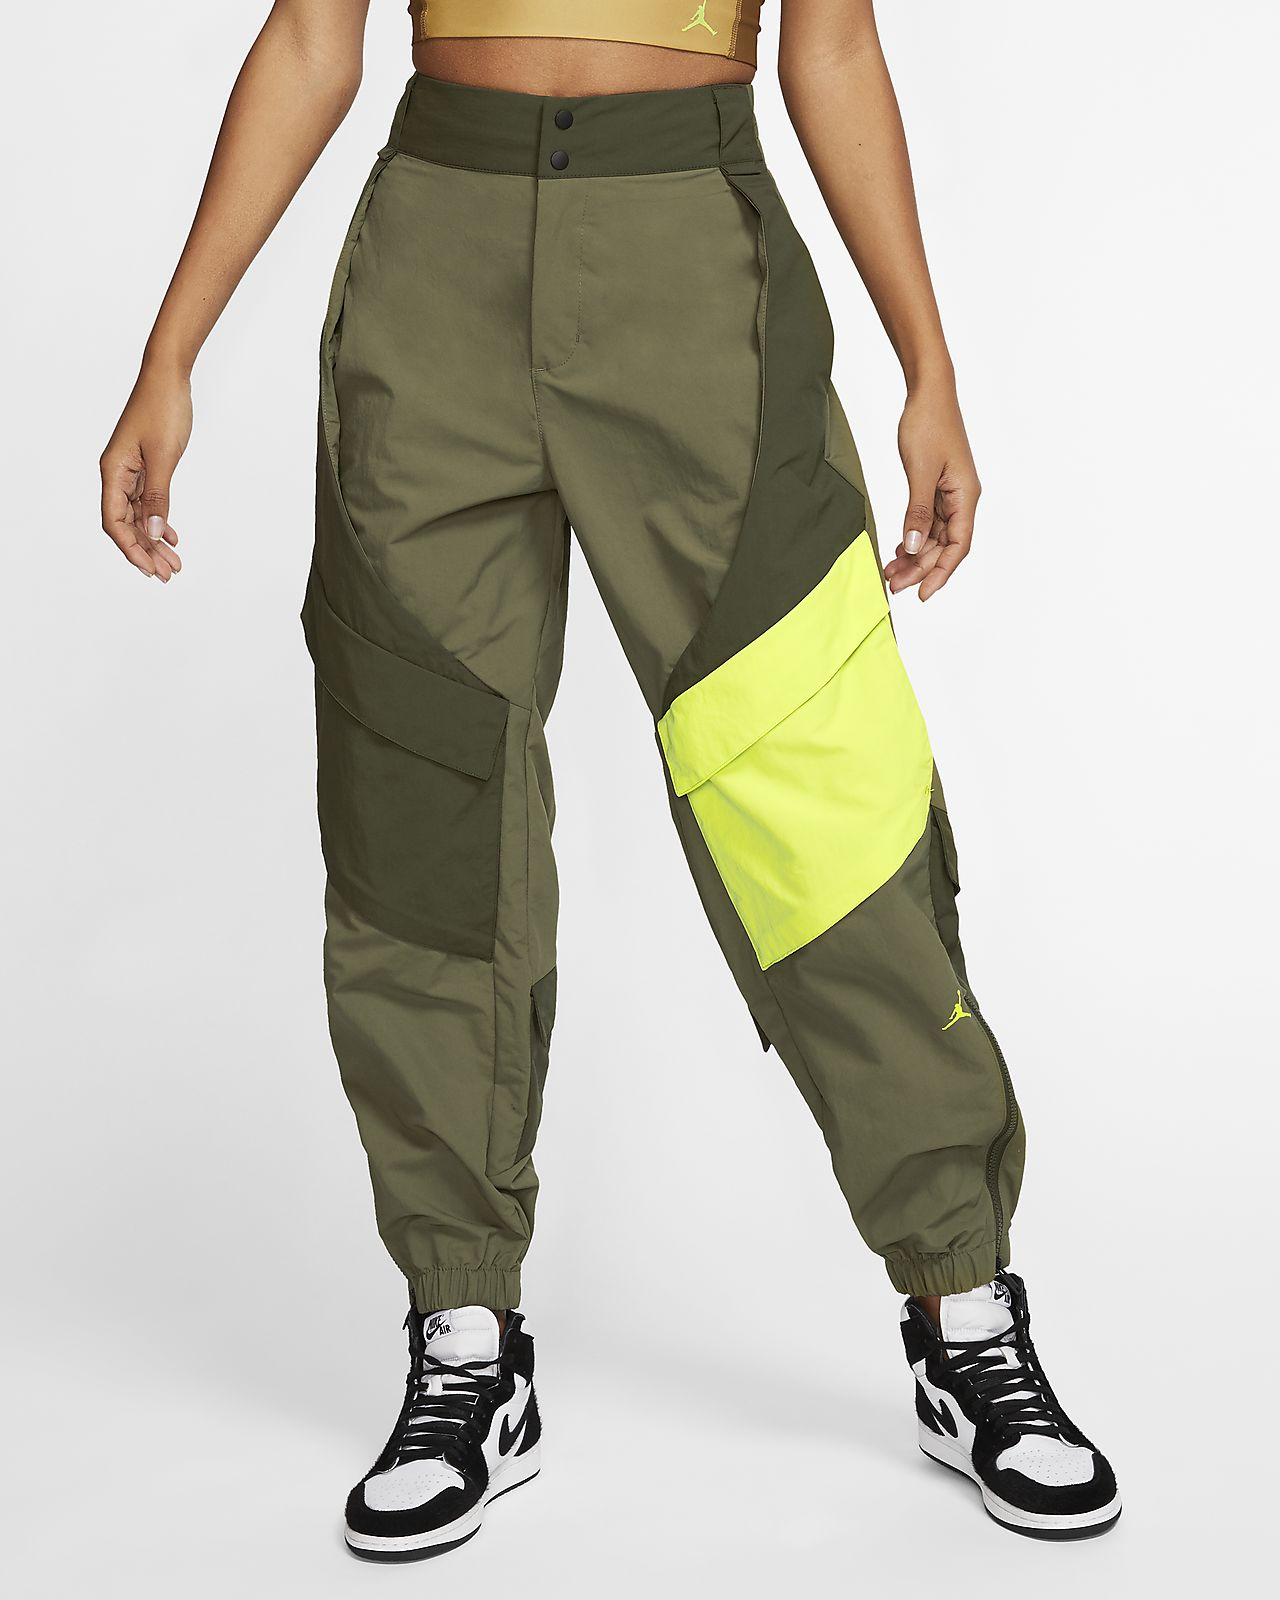 Pantalon Jordan Utility pour Femme